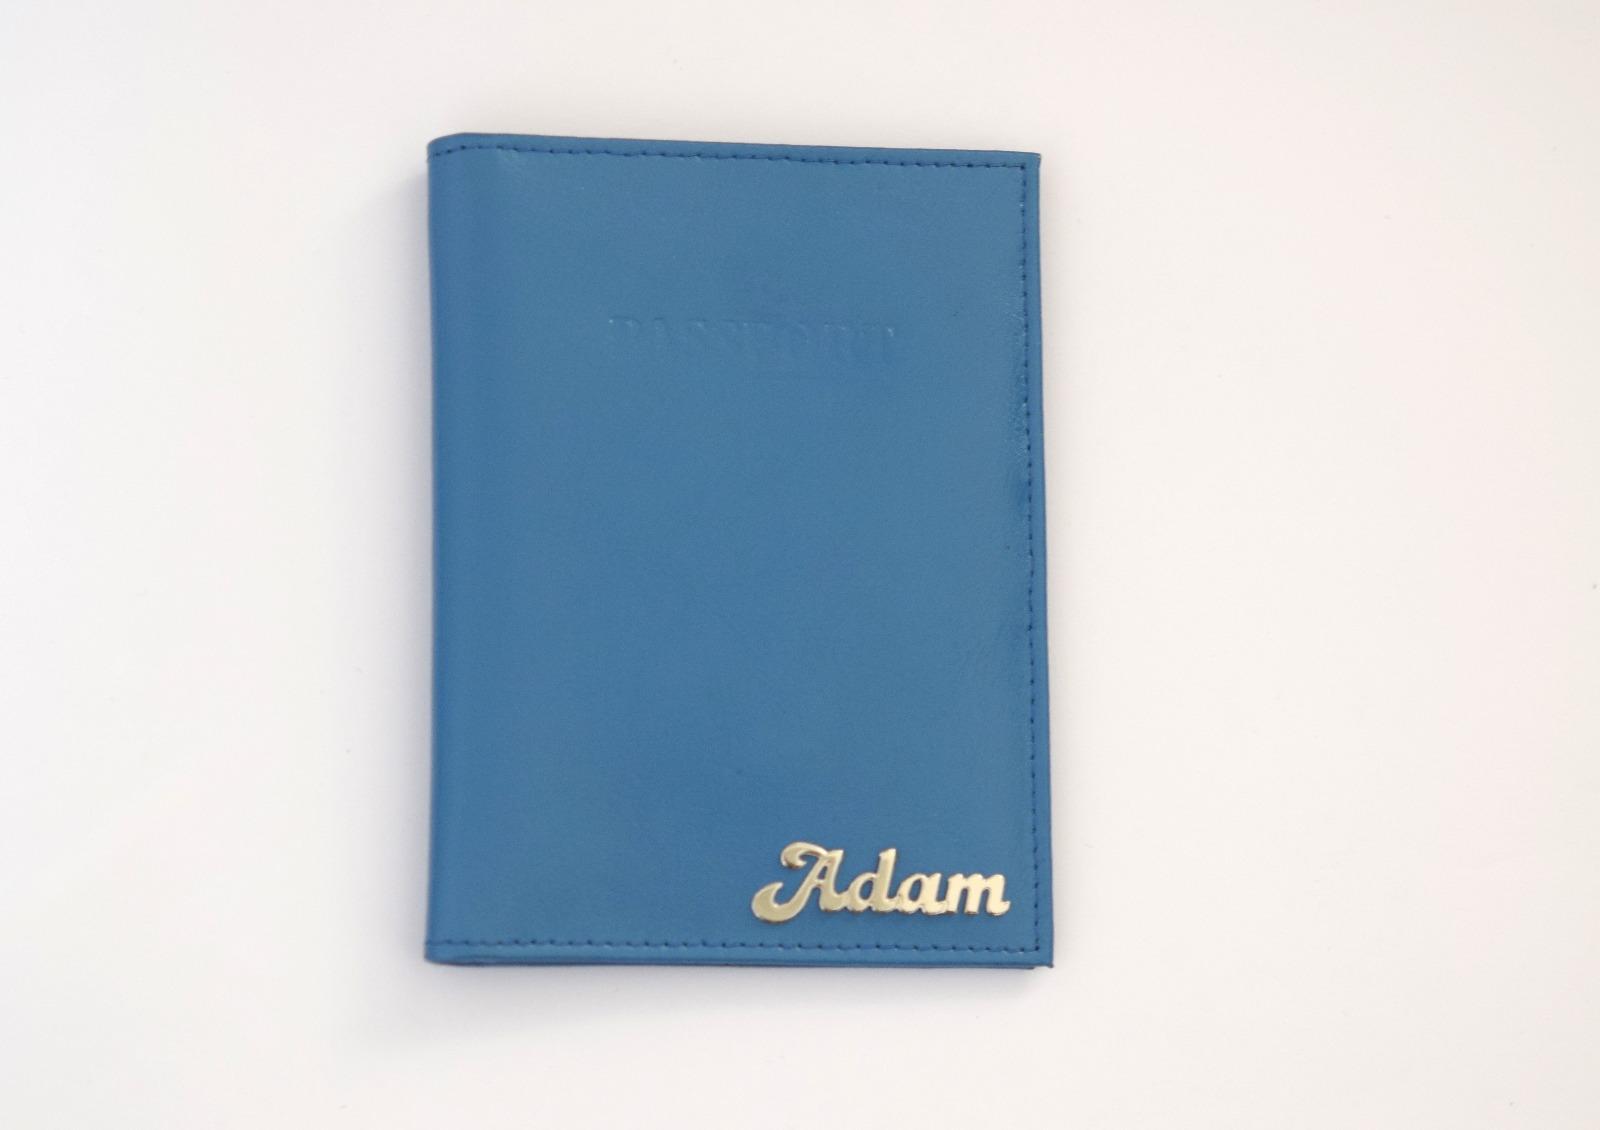 כיסוי עור לדרכון כחול עם שם